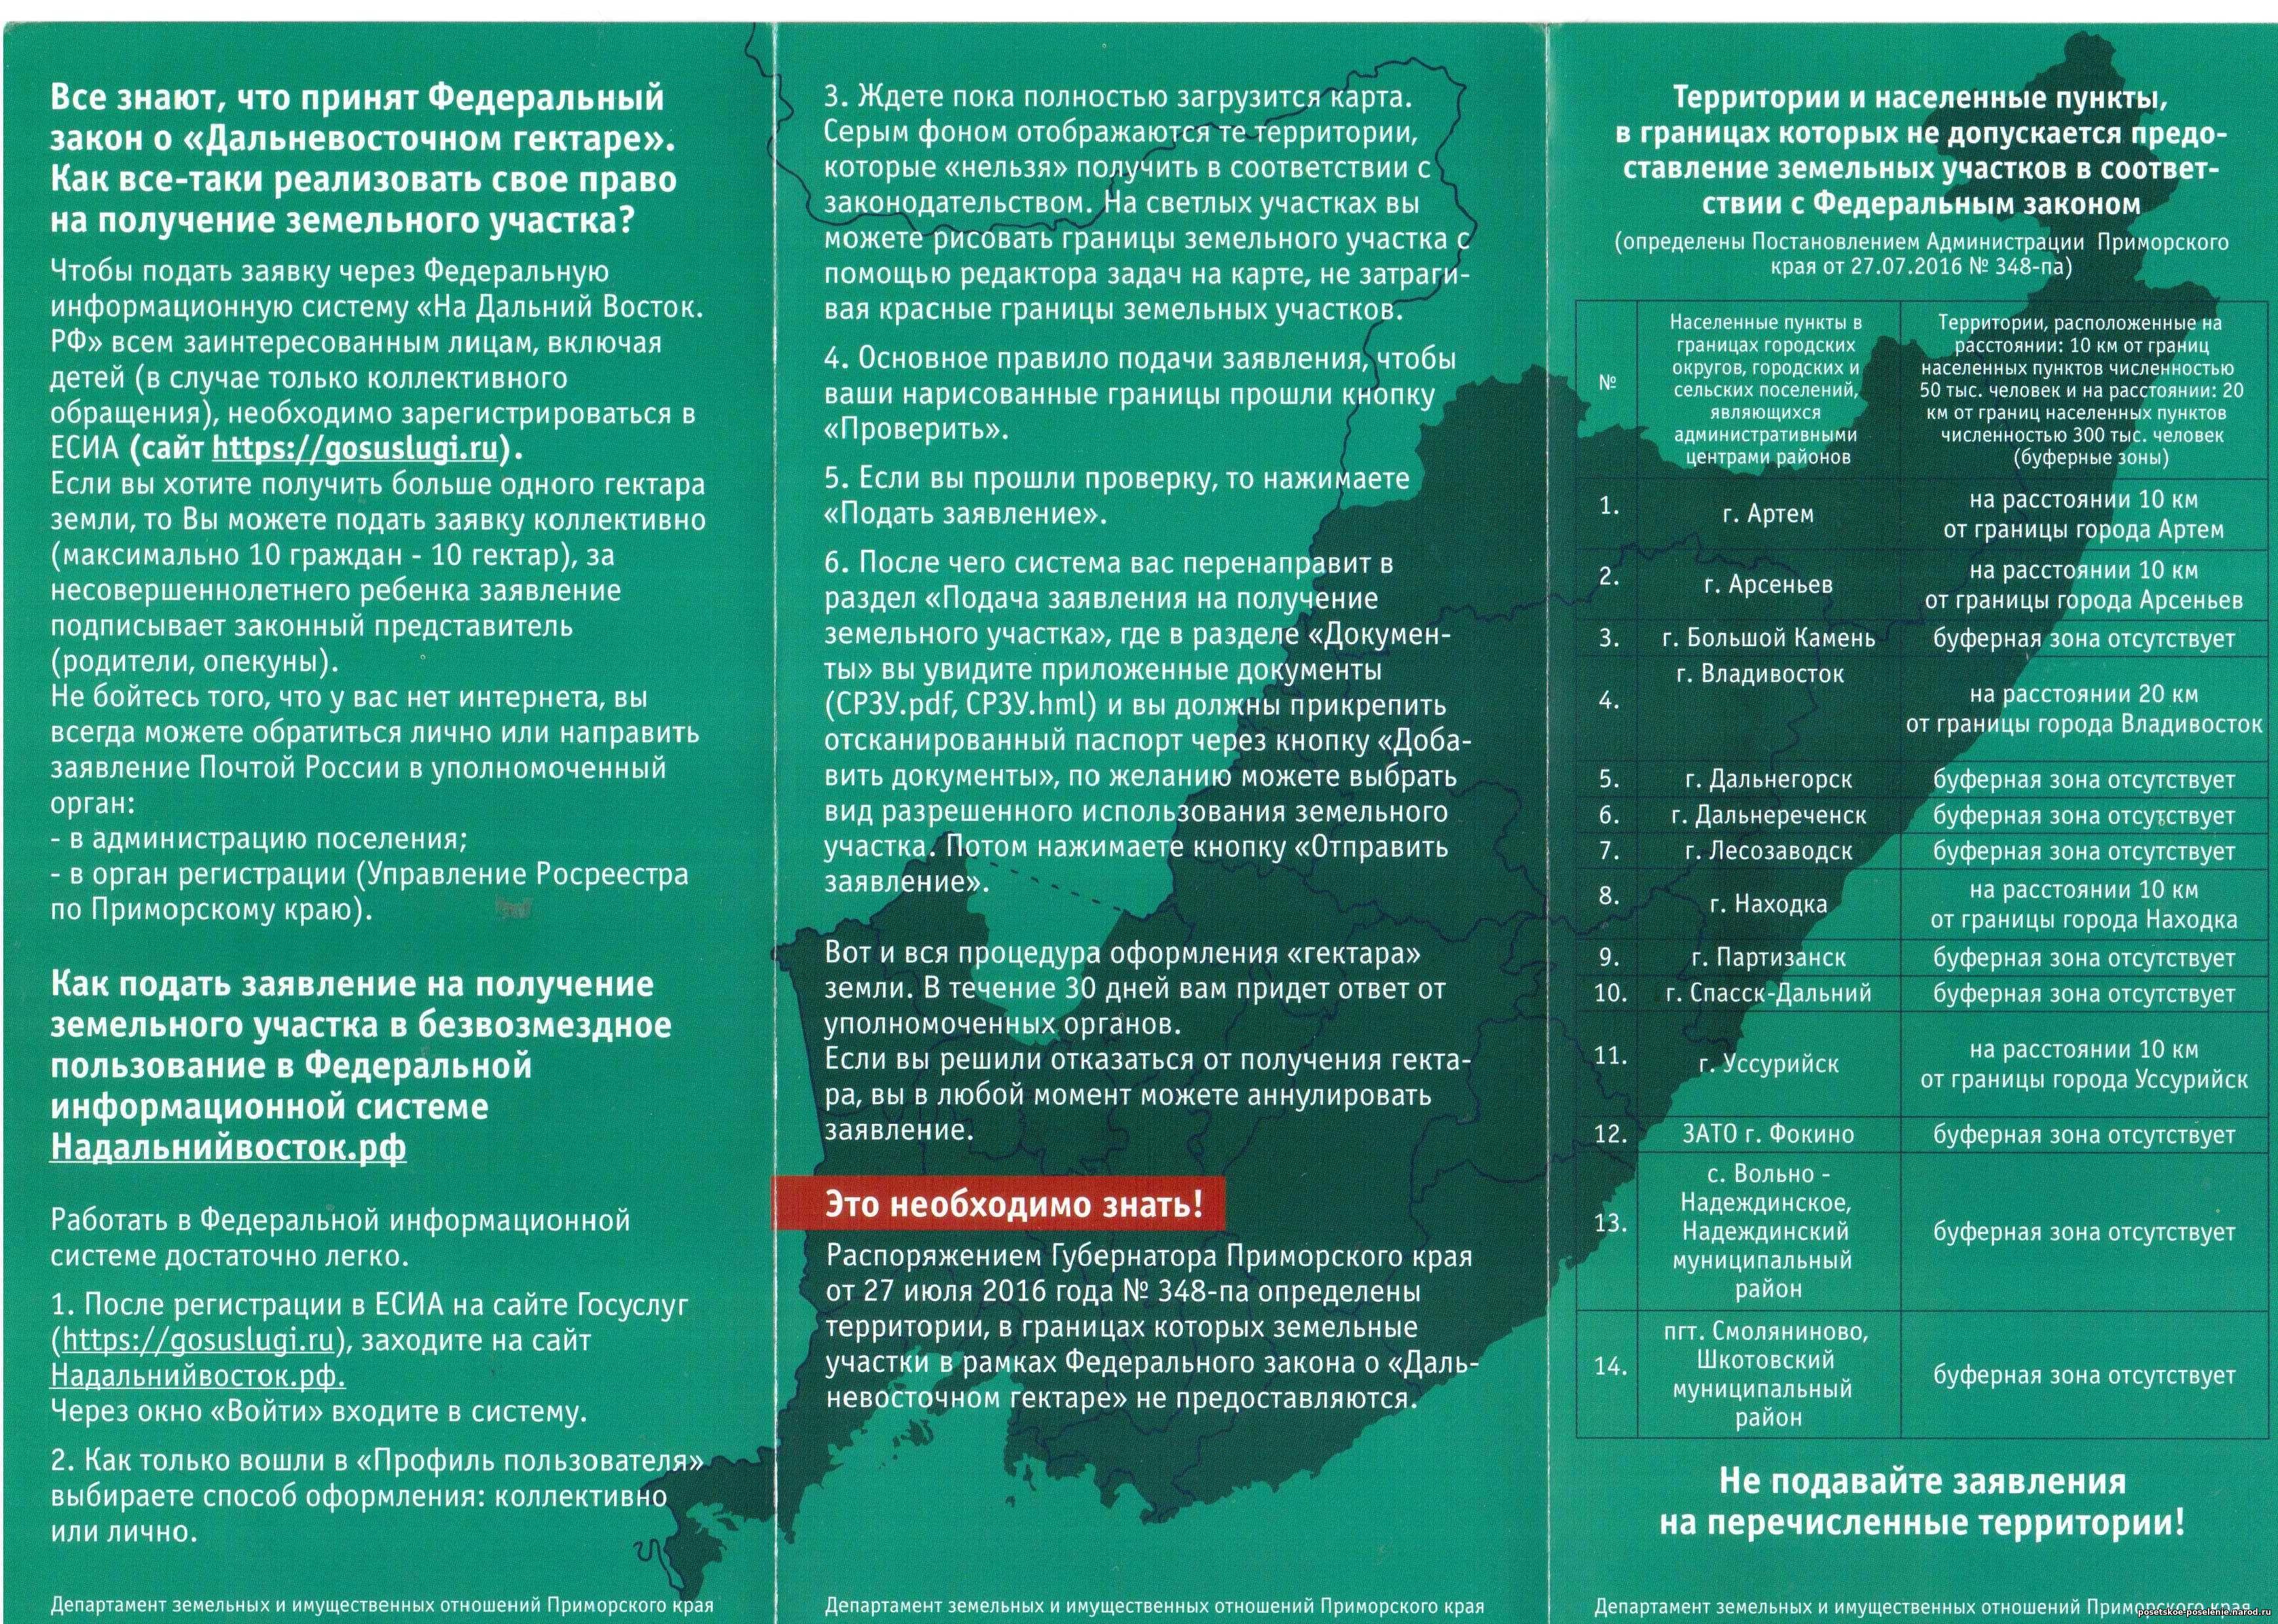 Доска объявлений ucoz требуется журналисты лендровер частные объявления 2003-2008